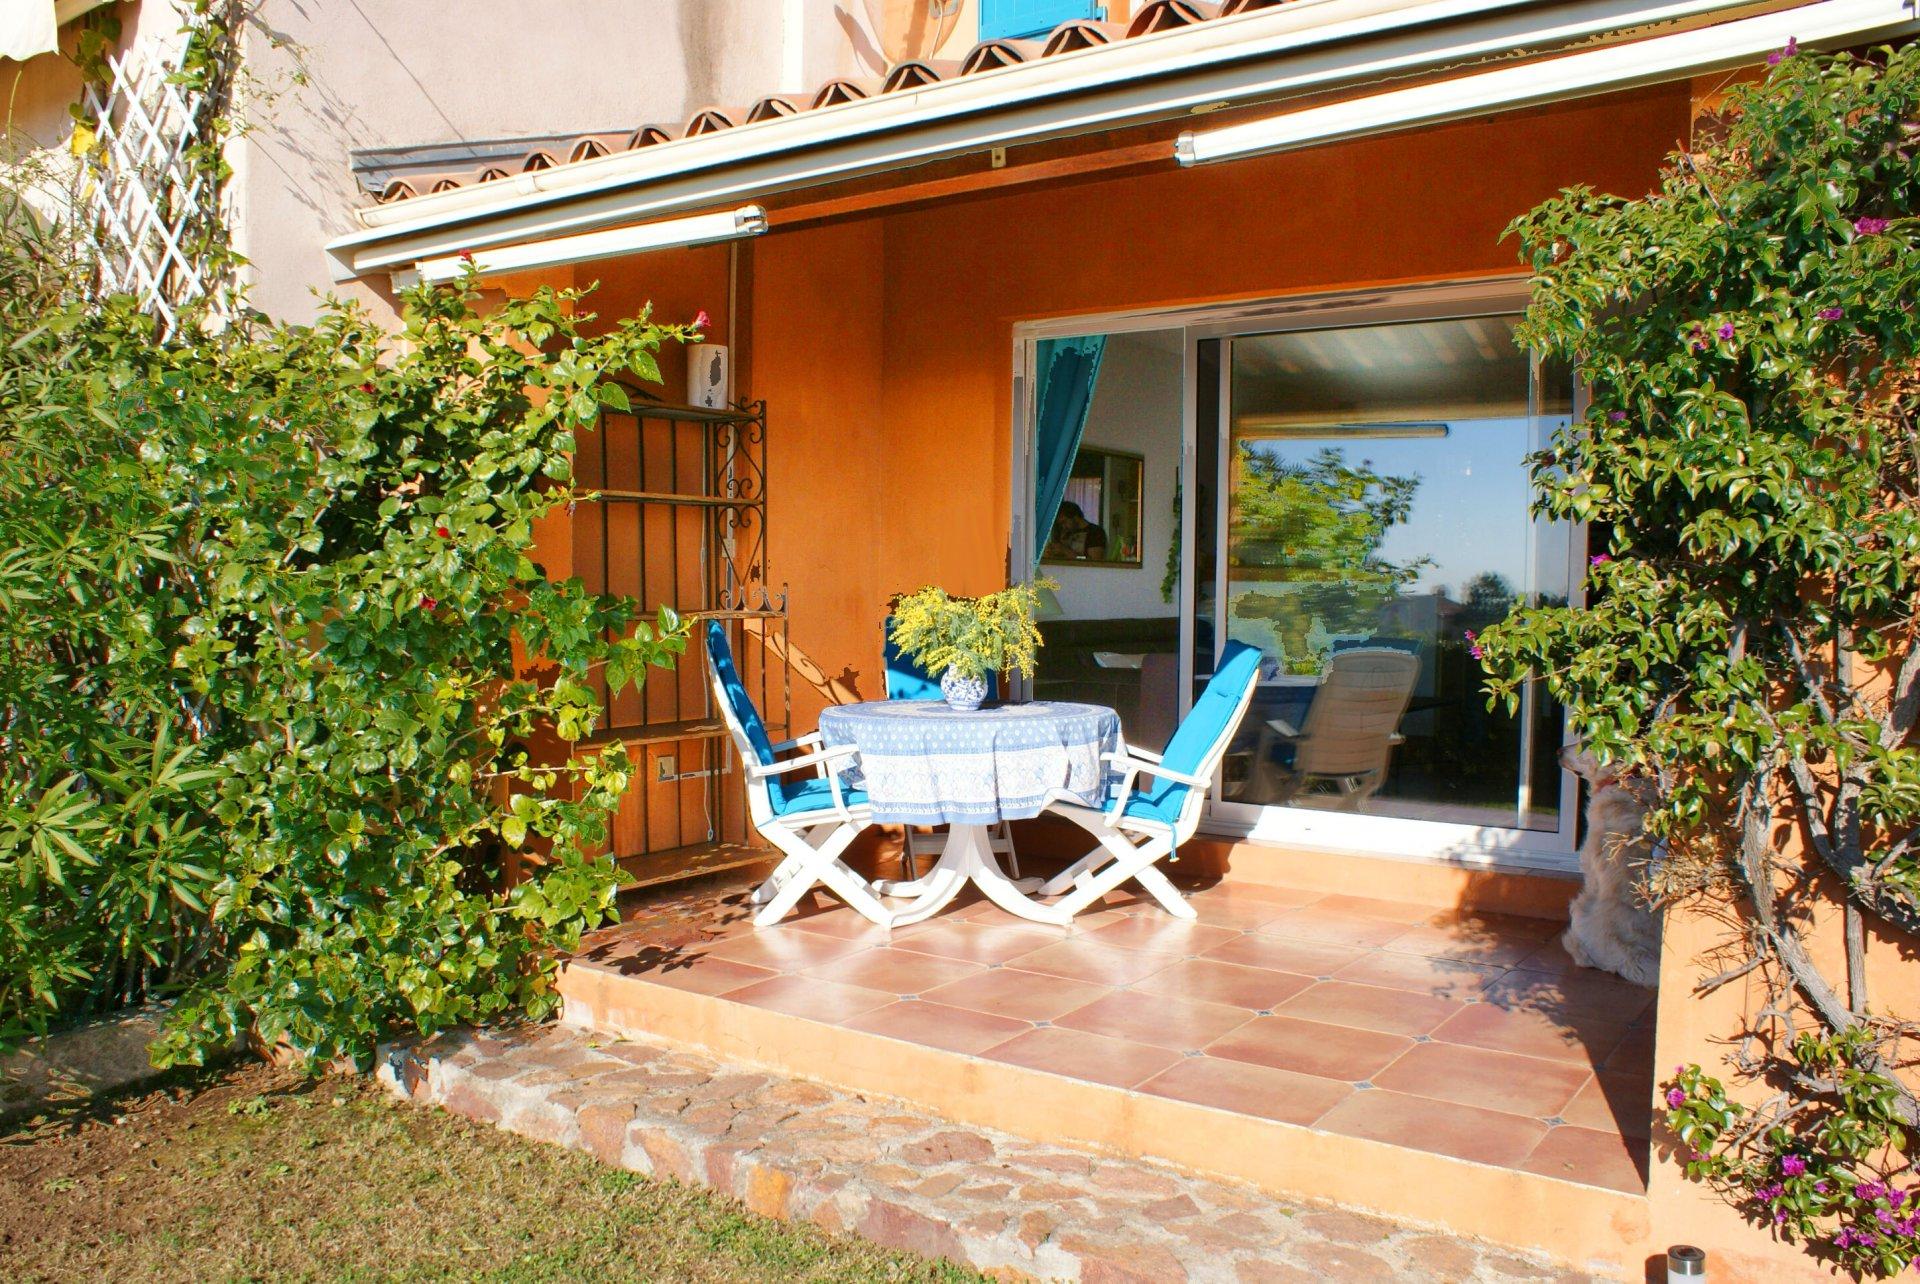 Villa jumelée: 3 pièces (3/4 couchages) cuisine américaine terrasse, jardin vue mer  * ROVI 36 *